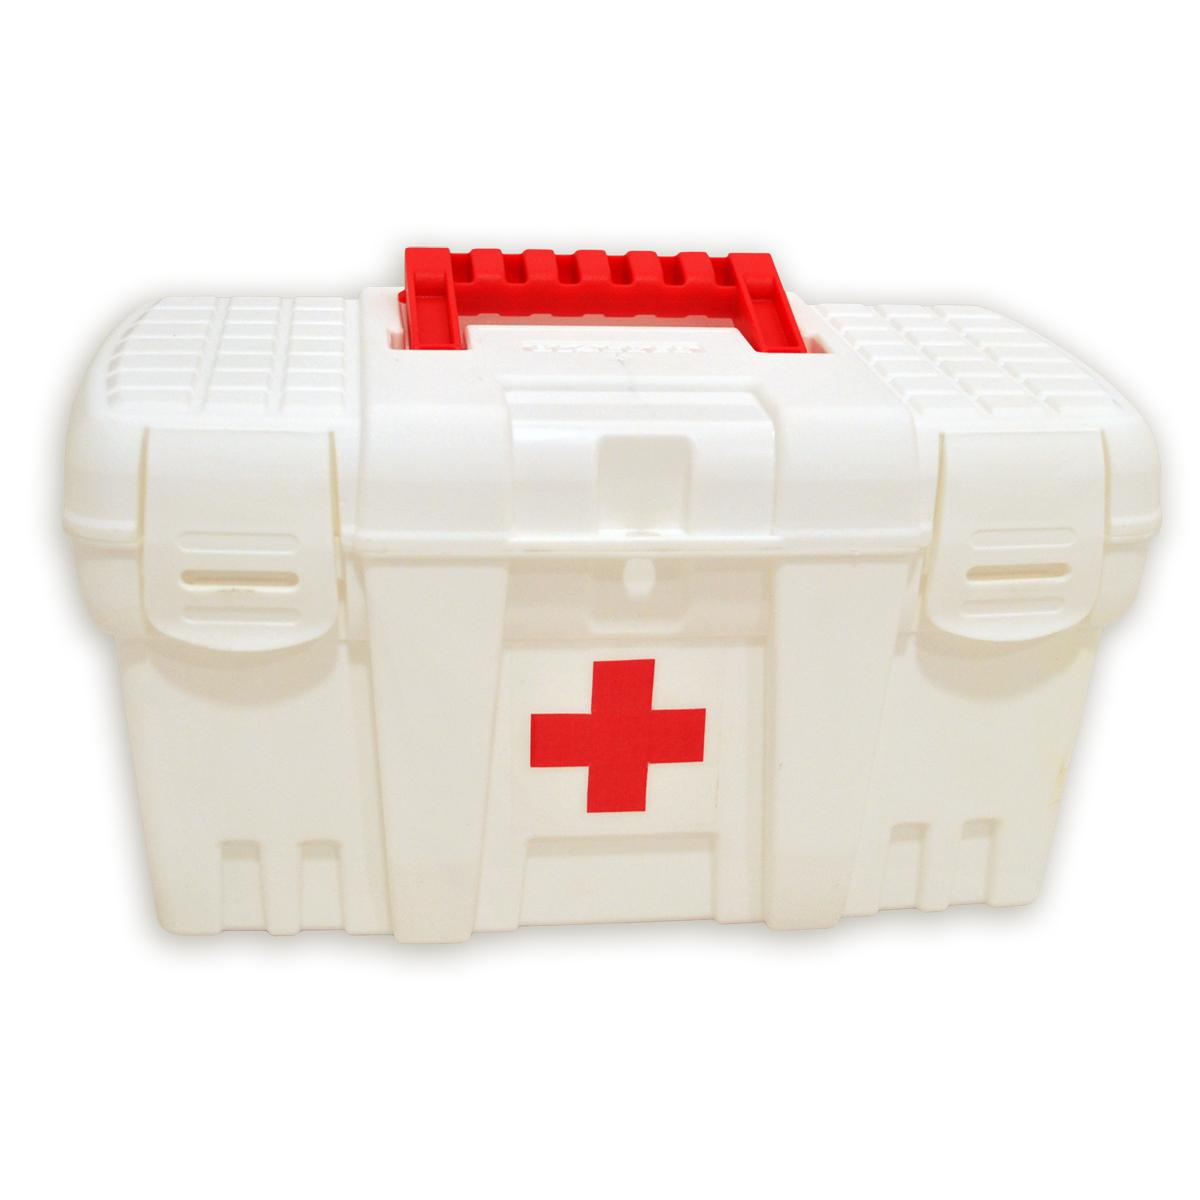 Аптечка Blocker Скорая Помощь, цвет: белый, 265 х 155 х 140 ммBR3749БЛАптечка Blocker Скорая Помощь необходима в каждом доме. Высота аптечки позволяет хранить не только таблетки, но и пузырьки с жидкостью в вертикальном положении. Защелкивающиеся замки препятствуют случайному открытию. Аптечка снабжена петлей для навесного замка для защиты малышей от доступа к лекарствам.